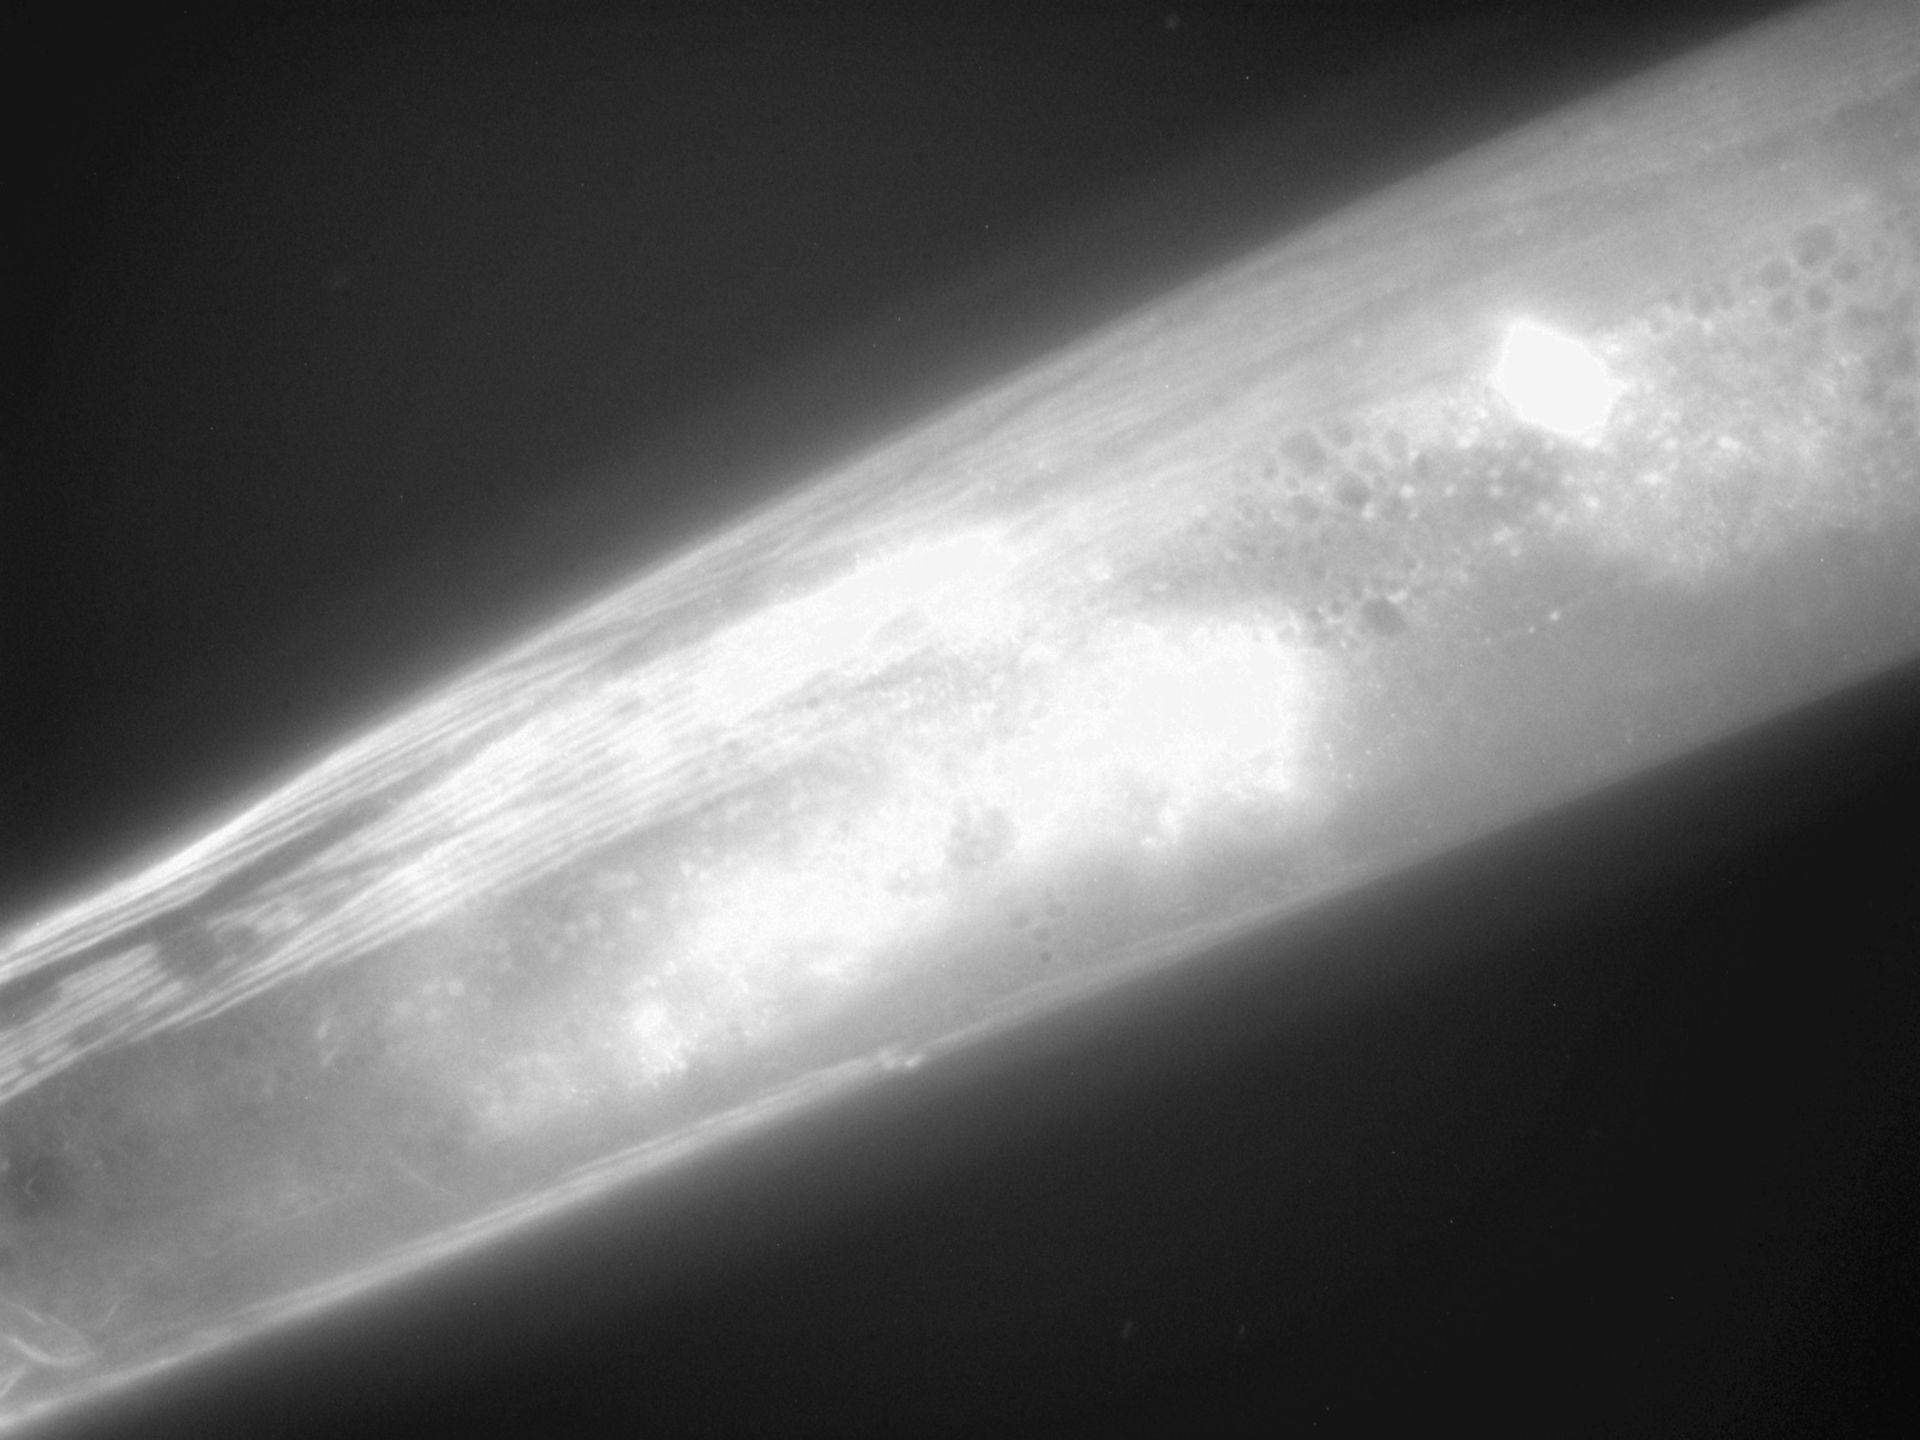 Caenorhabditis elegans (Actin filament) - CIL:1300